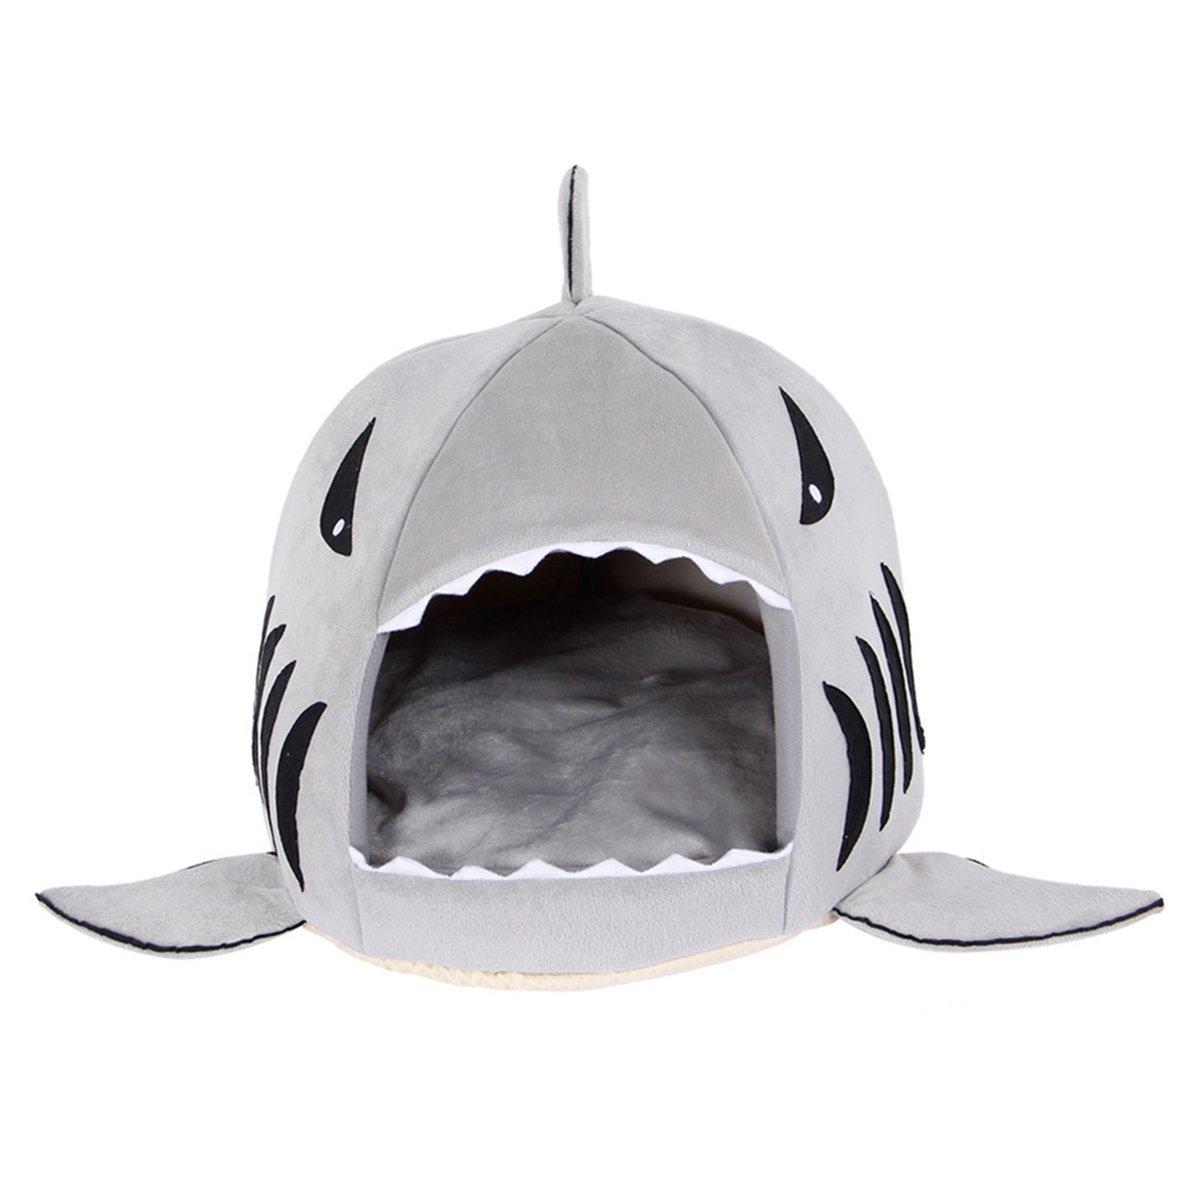 Runfon Cuscino Casa Interno Gatto Materasso Letto Cane a Forma squalo con Cuscino Removibile Prezzi offerte